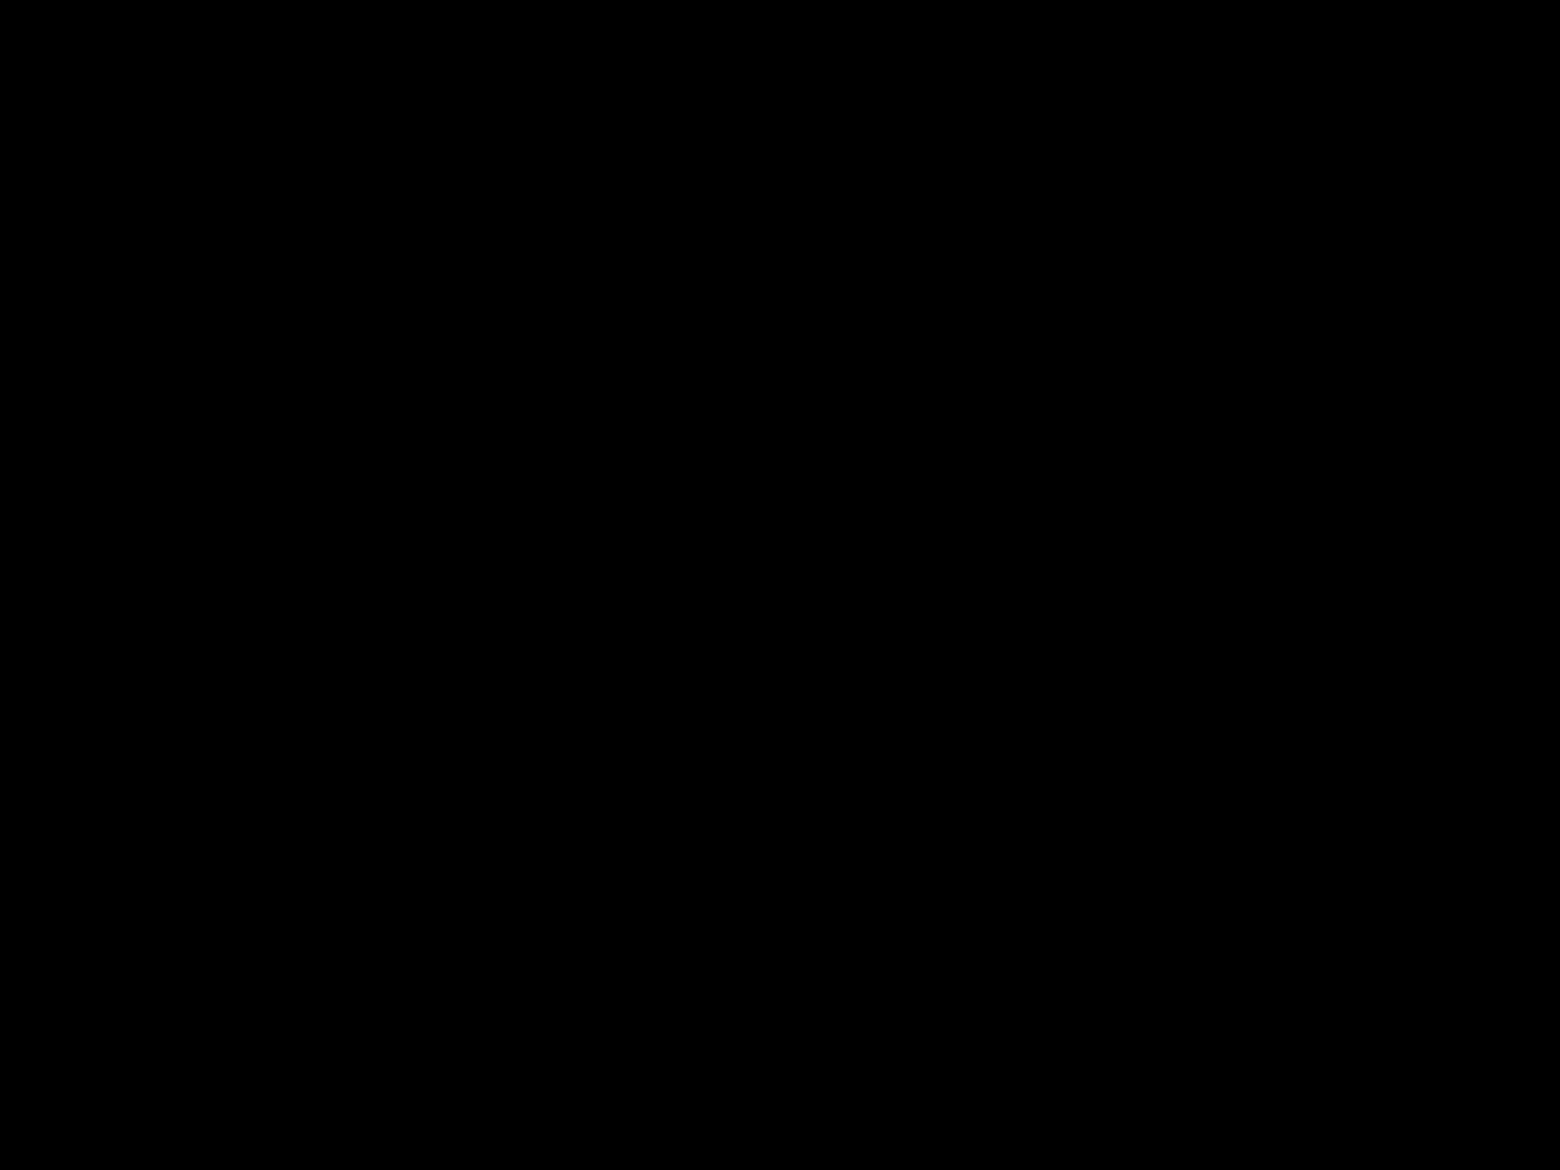 エステサロンのイメージ